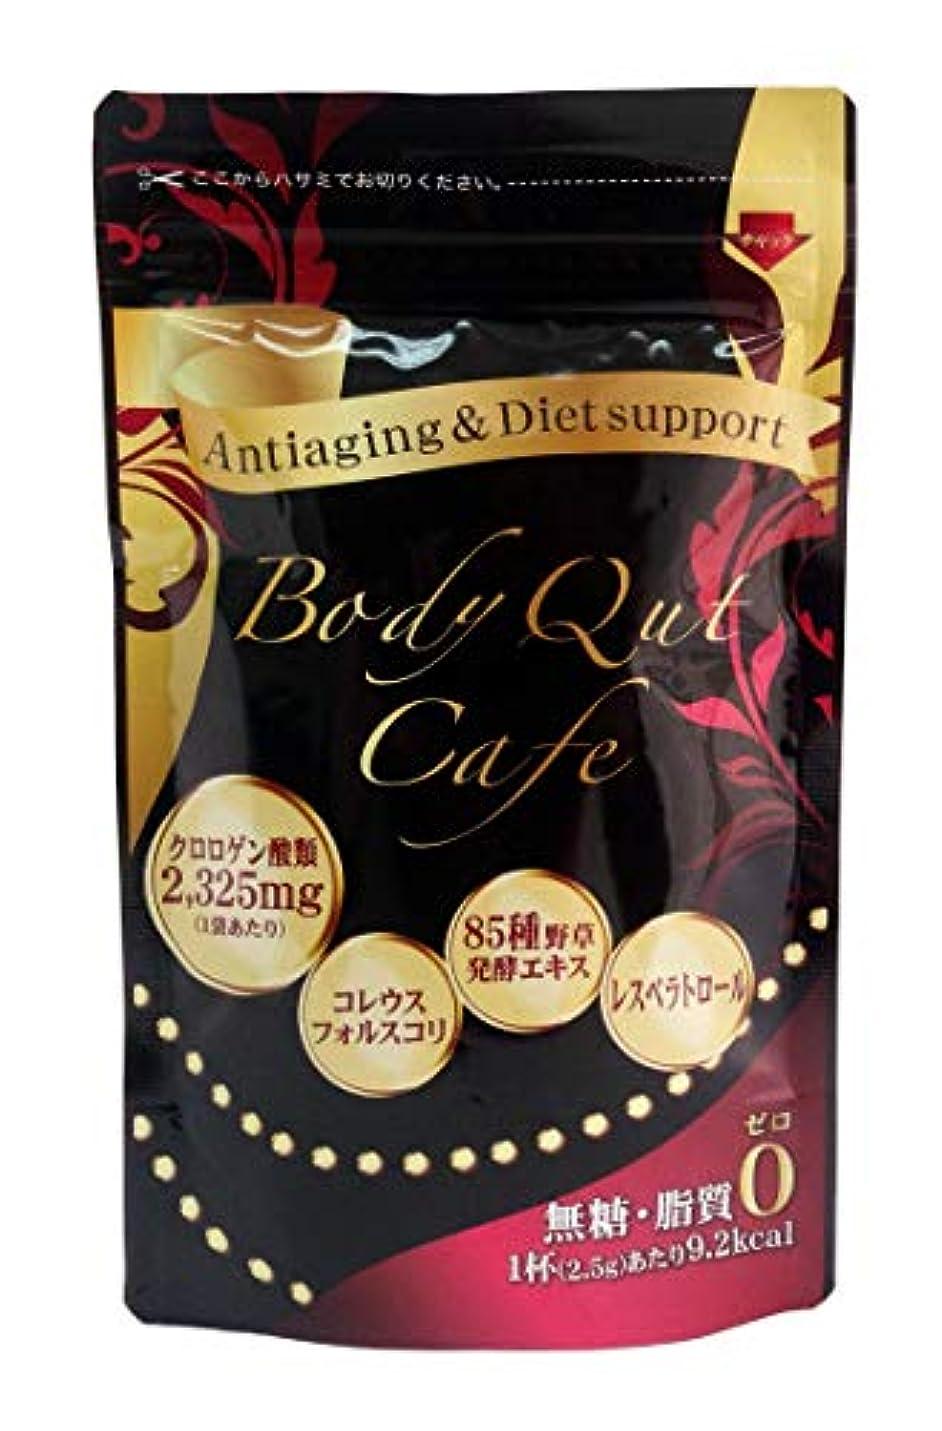 九時四十五分セットする手段ボディキュットカフェ 75g 約30杯分 ダイエットコーヒー Body Qut Cafe (オリジナル)